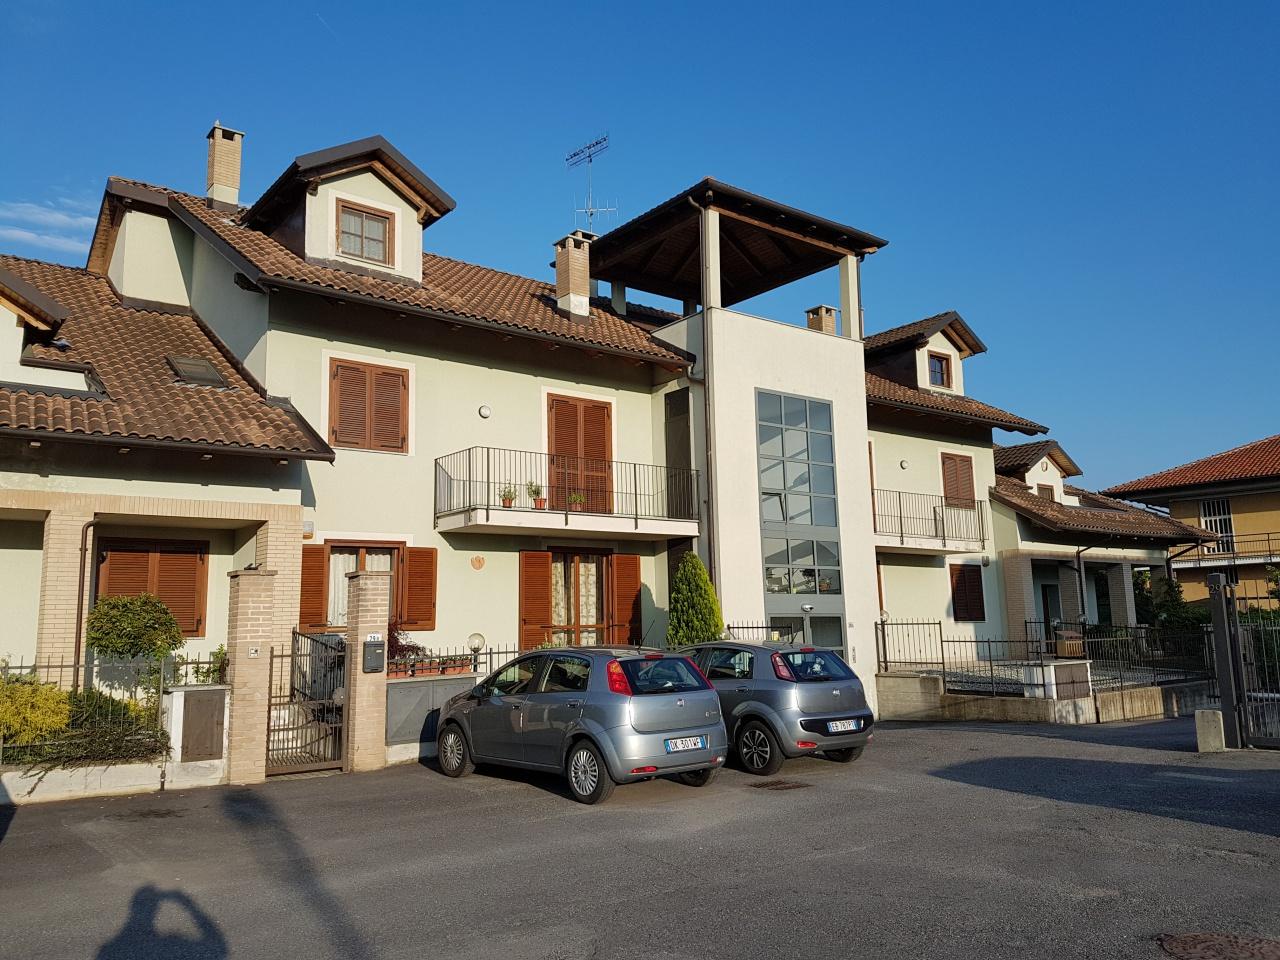 Appartamento in vendita a Chivasso, 3 locali, prezzo € 149.000 | CambioCasa.it